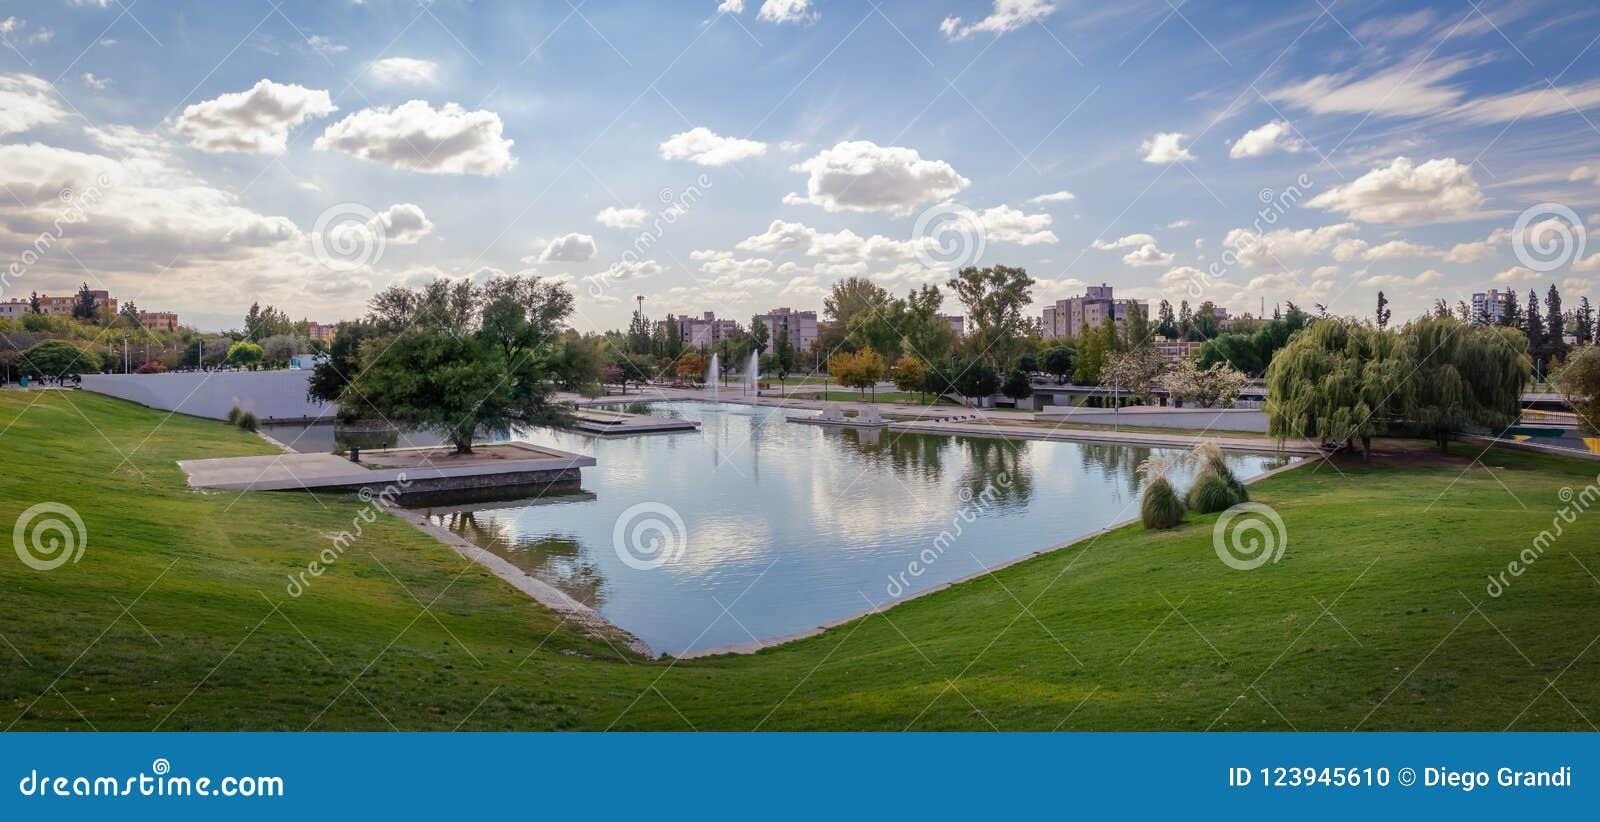 Parque Central Park jezioro - Mendoza, Argentyna